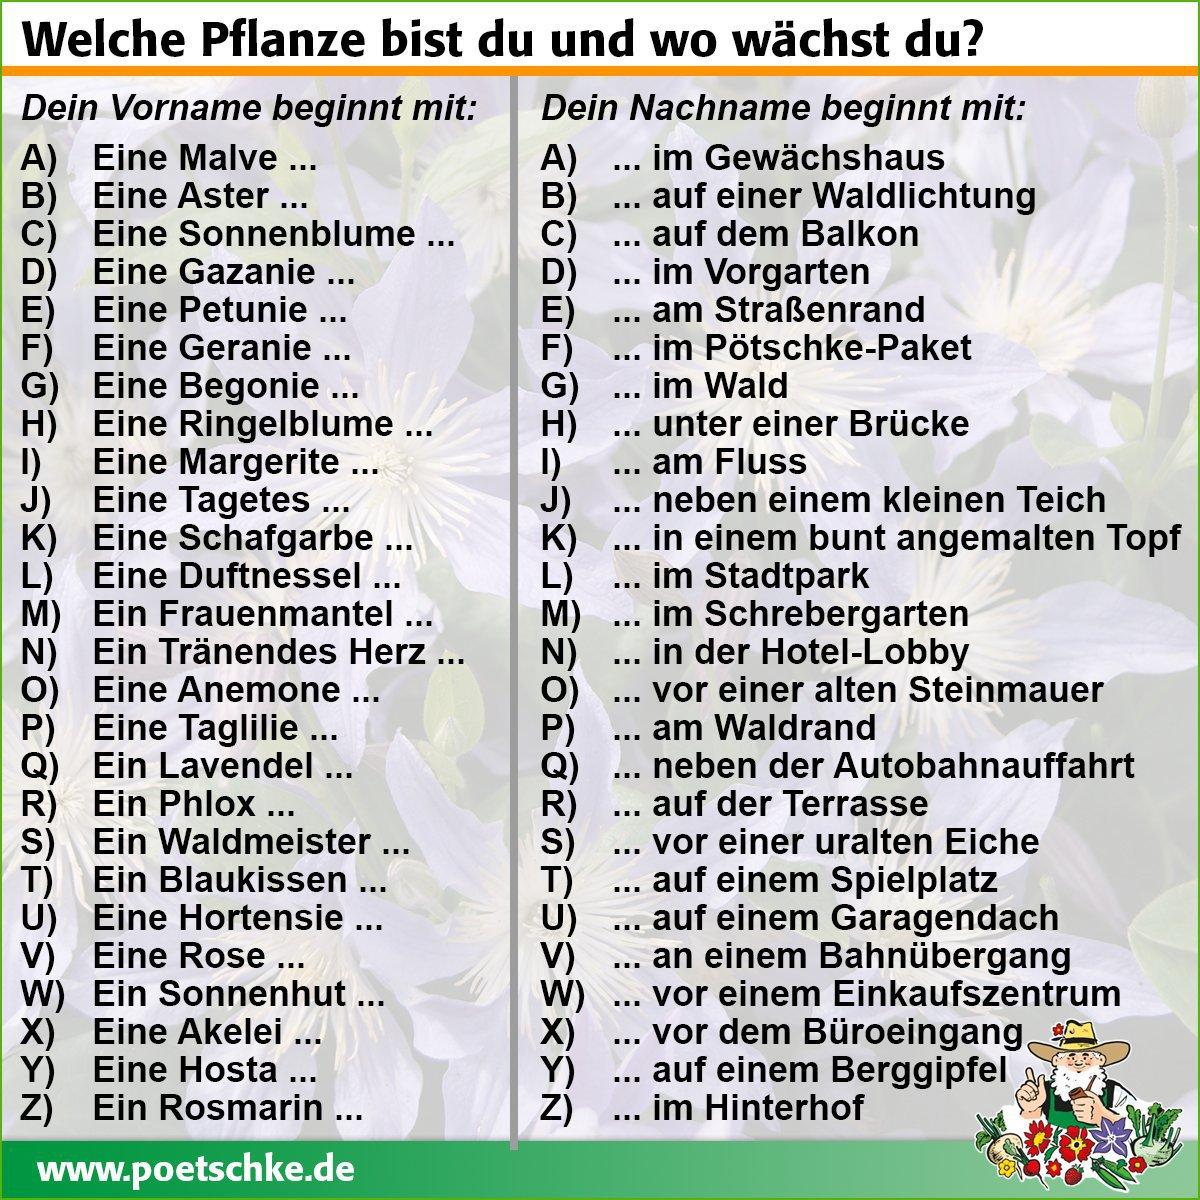 Welche Pflanze bist du